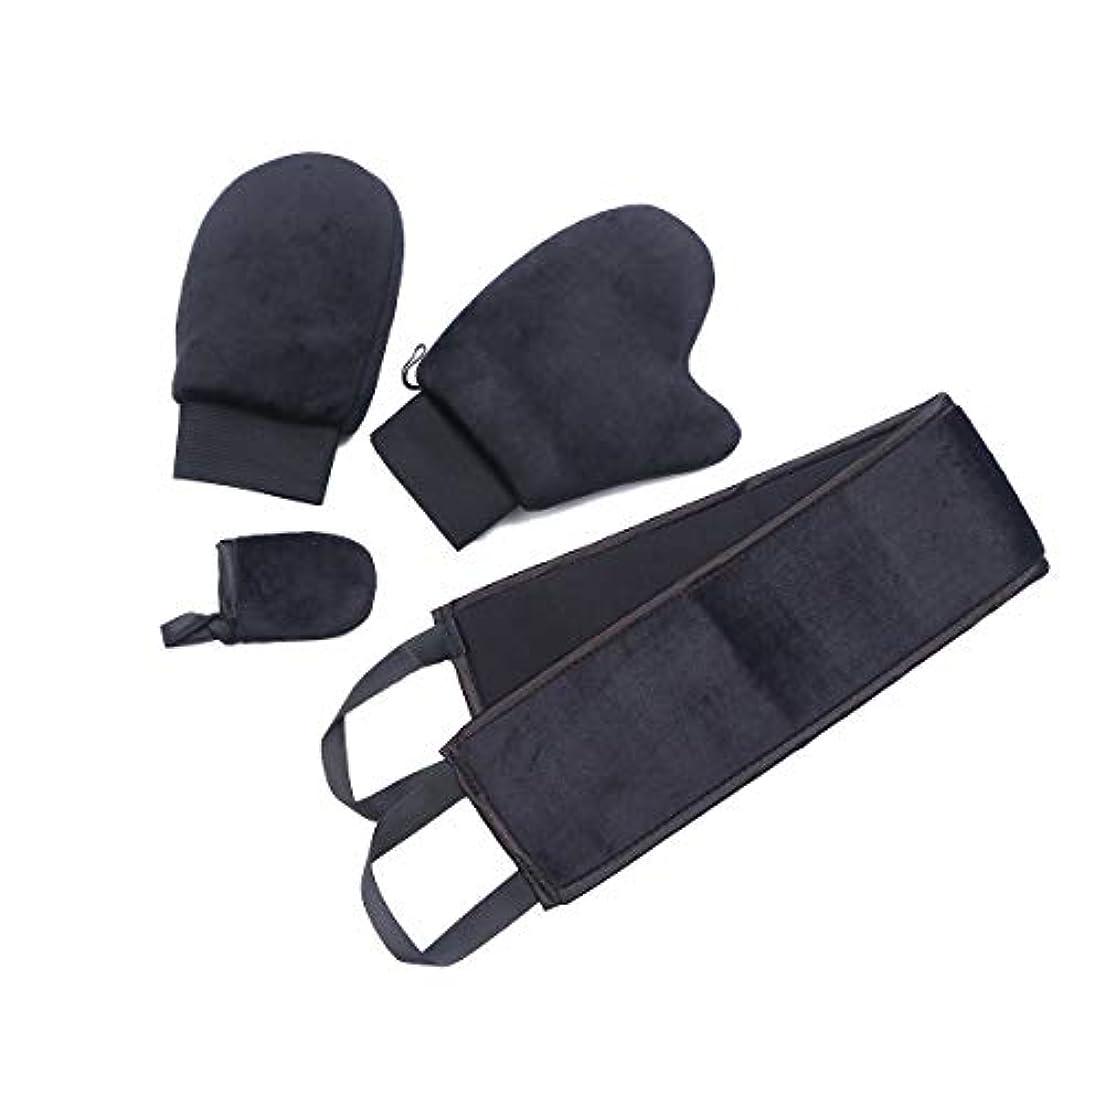 エール敬意を表してふざけたSUPVOX 4ピース化粧落とし手袋こすり手袋顔面クリーニングタオル布スパミットソフト洗浄ツール